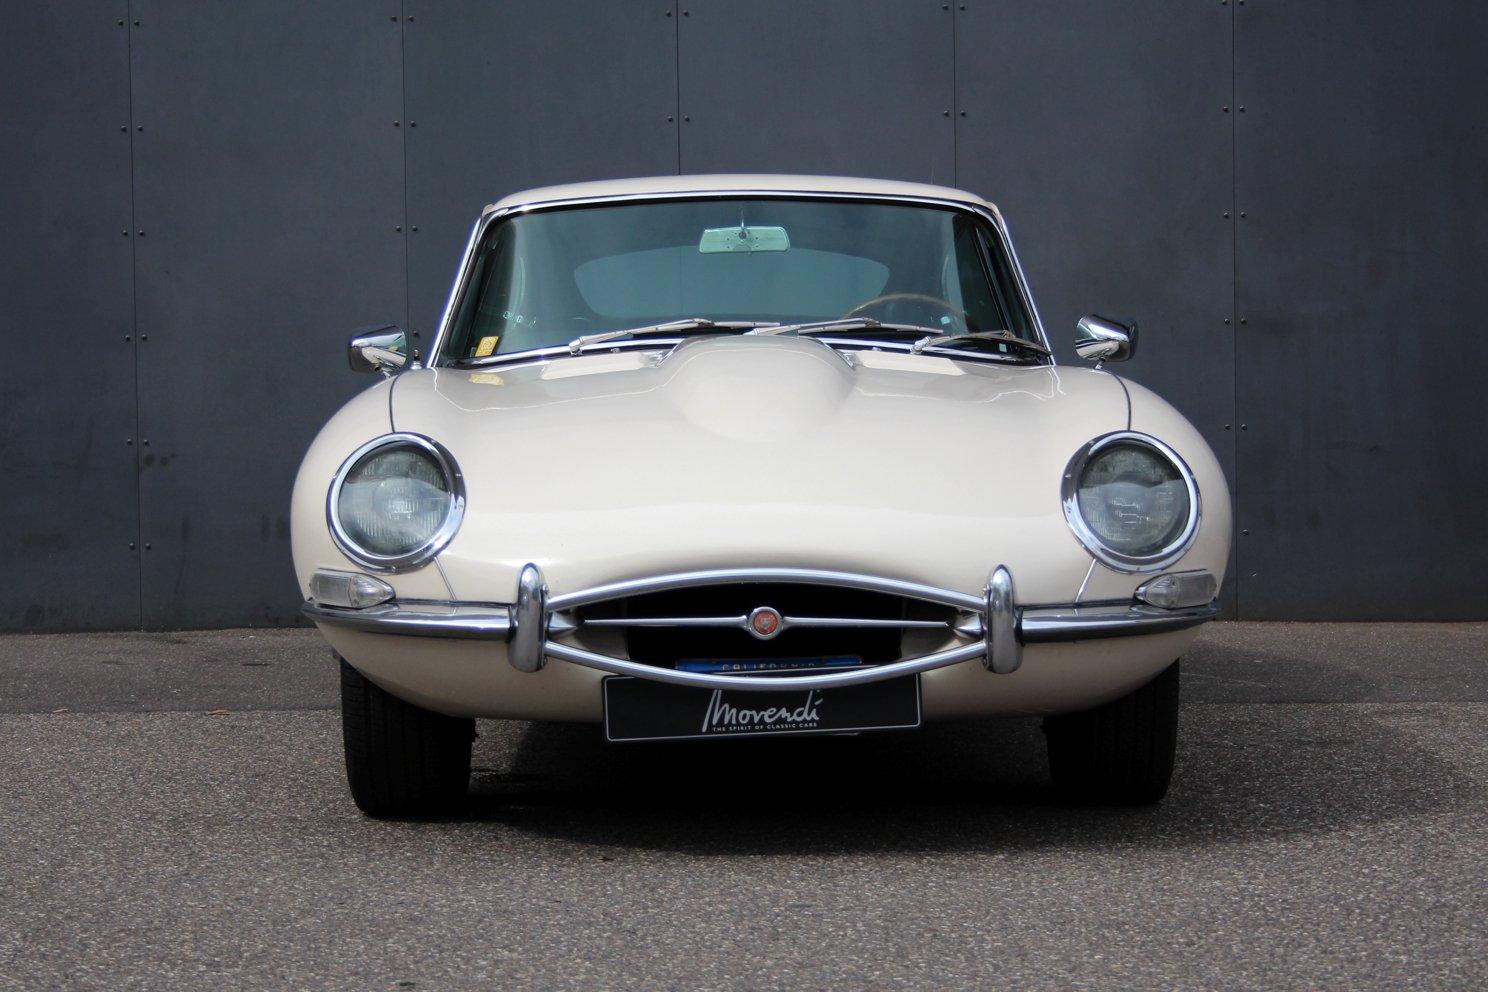 1966 Jaguar E-Type Series I 4.2 Litre Coupé LHD For Sale (picture 6 of 6)